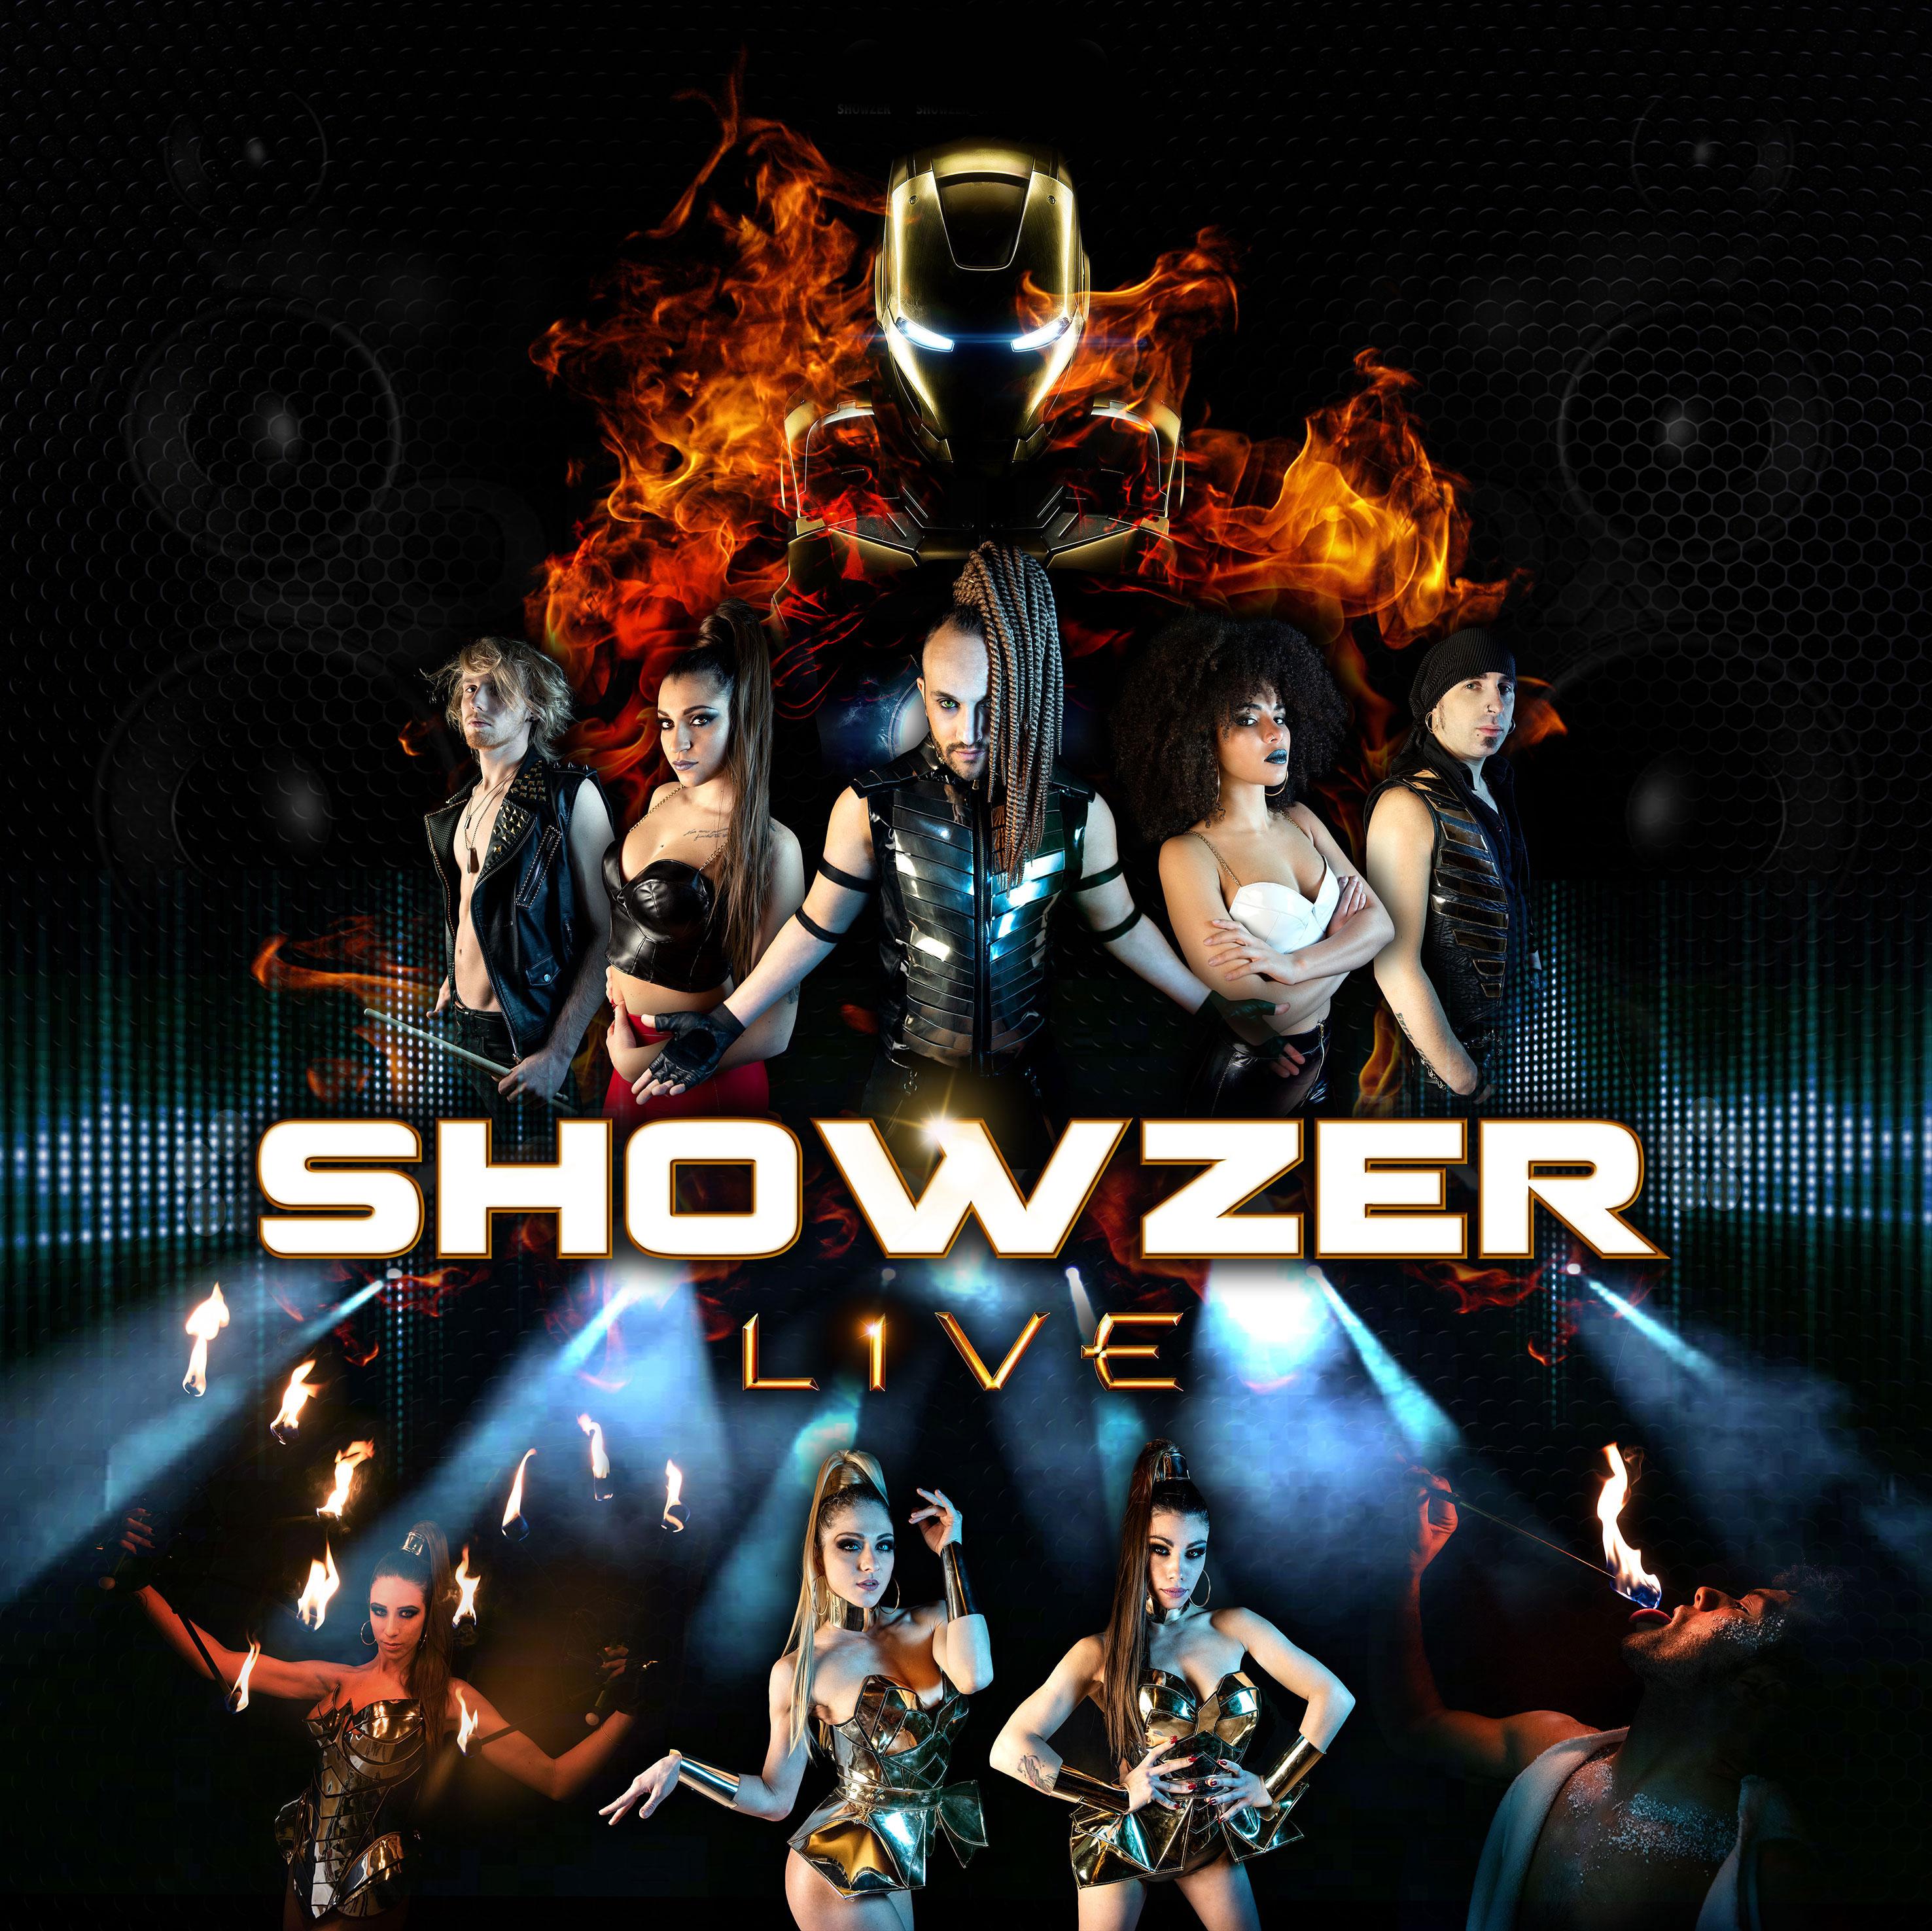 showzer-live-show